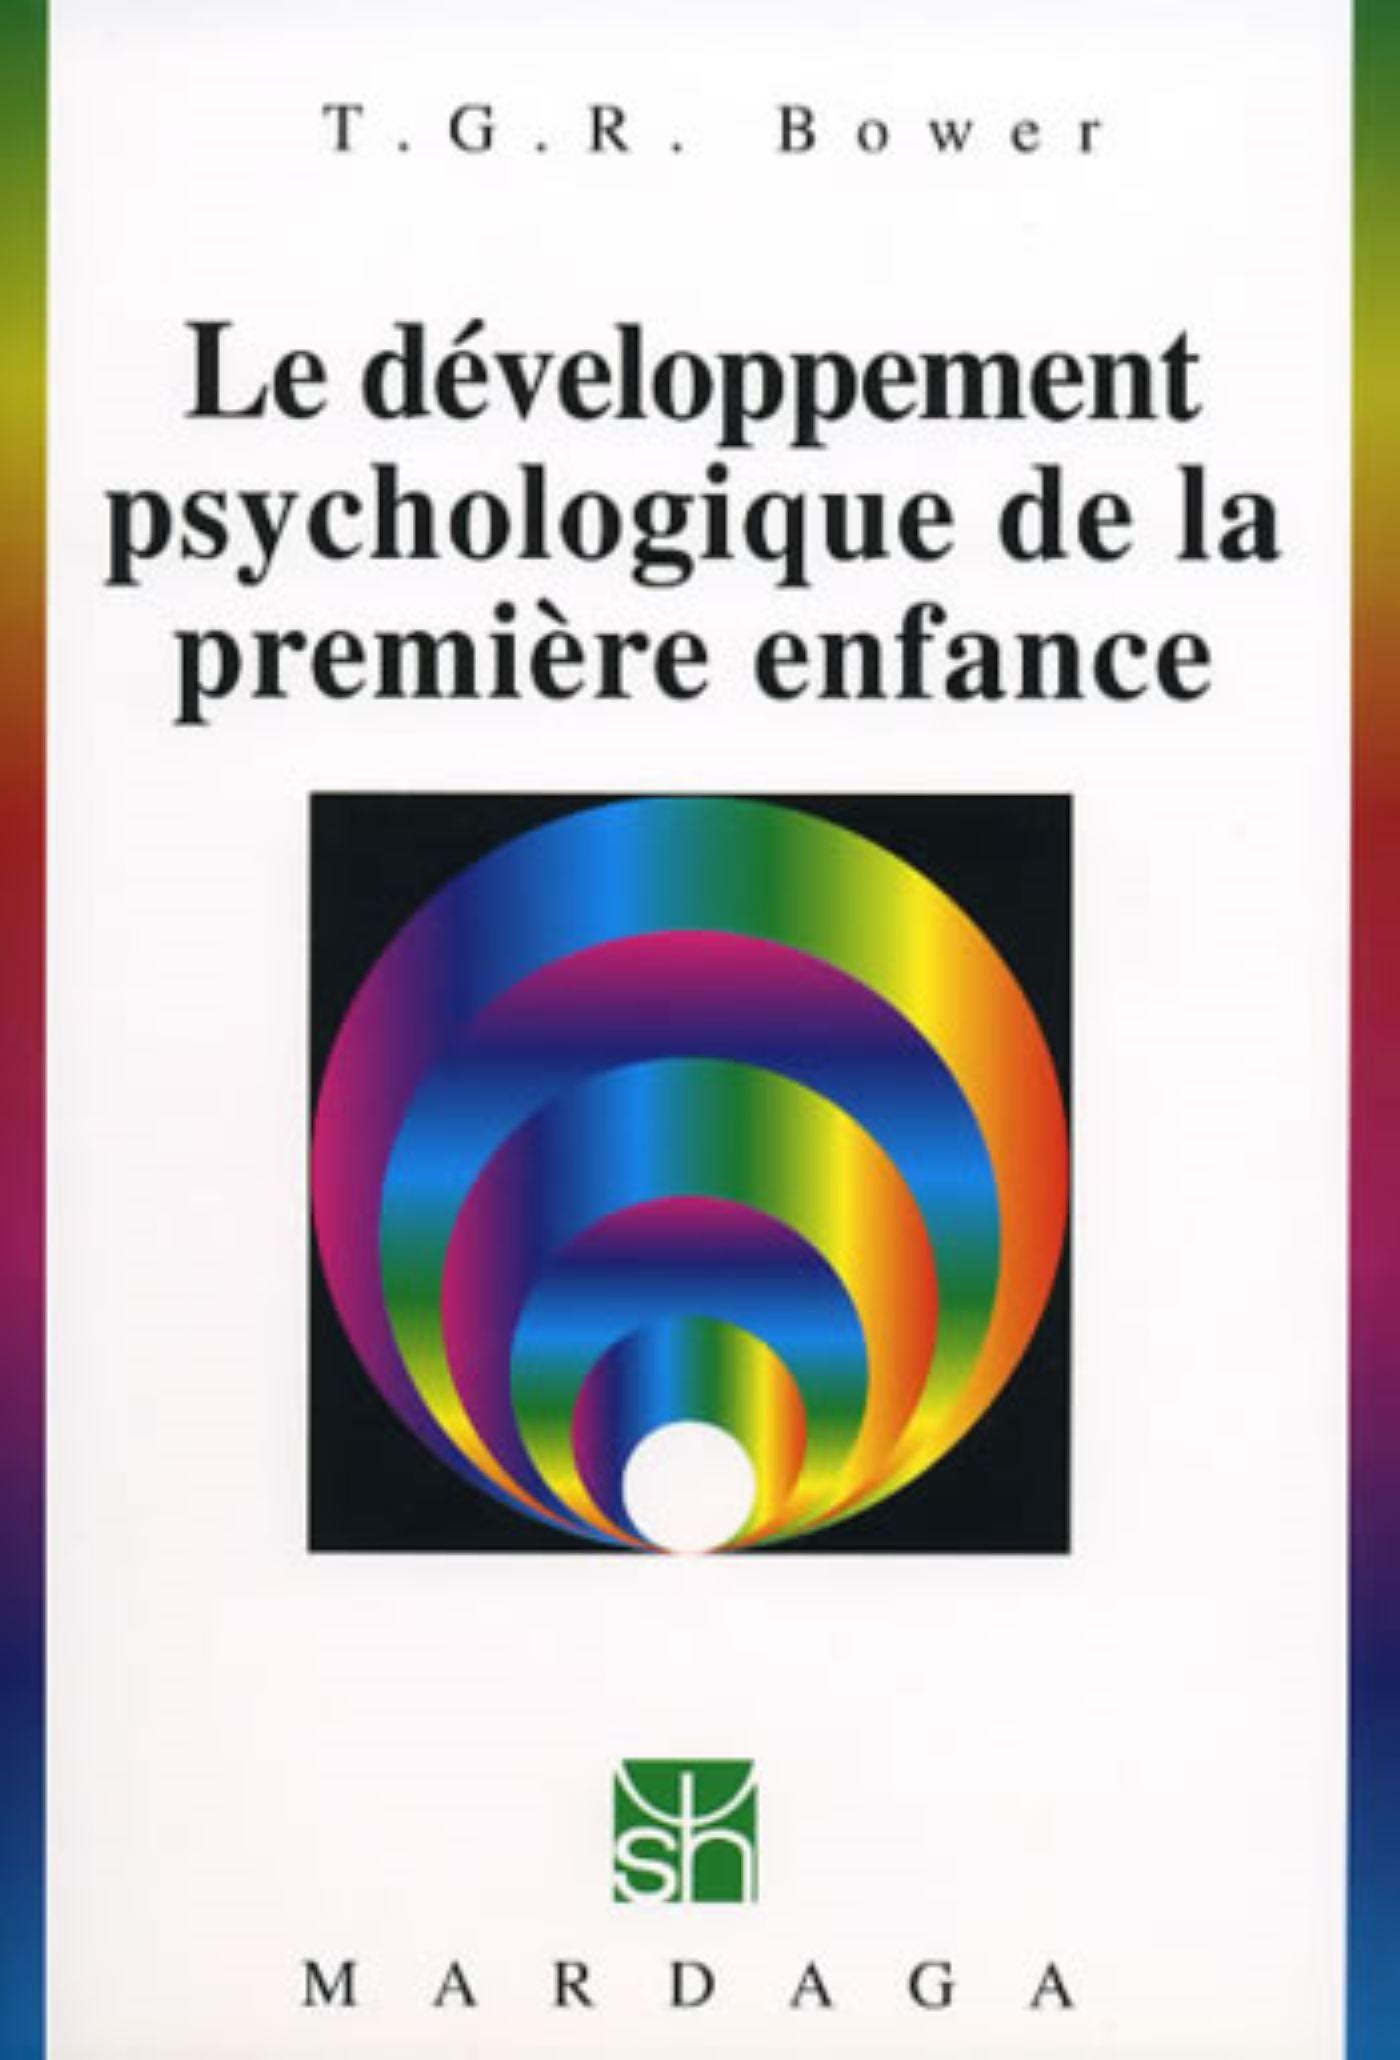 DEVELOPPEMENT PSYCHOLOGIQUE DE LA 1ERE ENFANCE 73